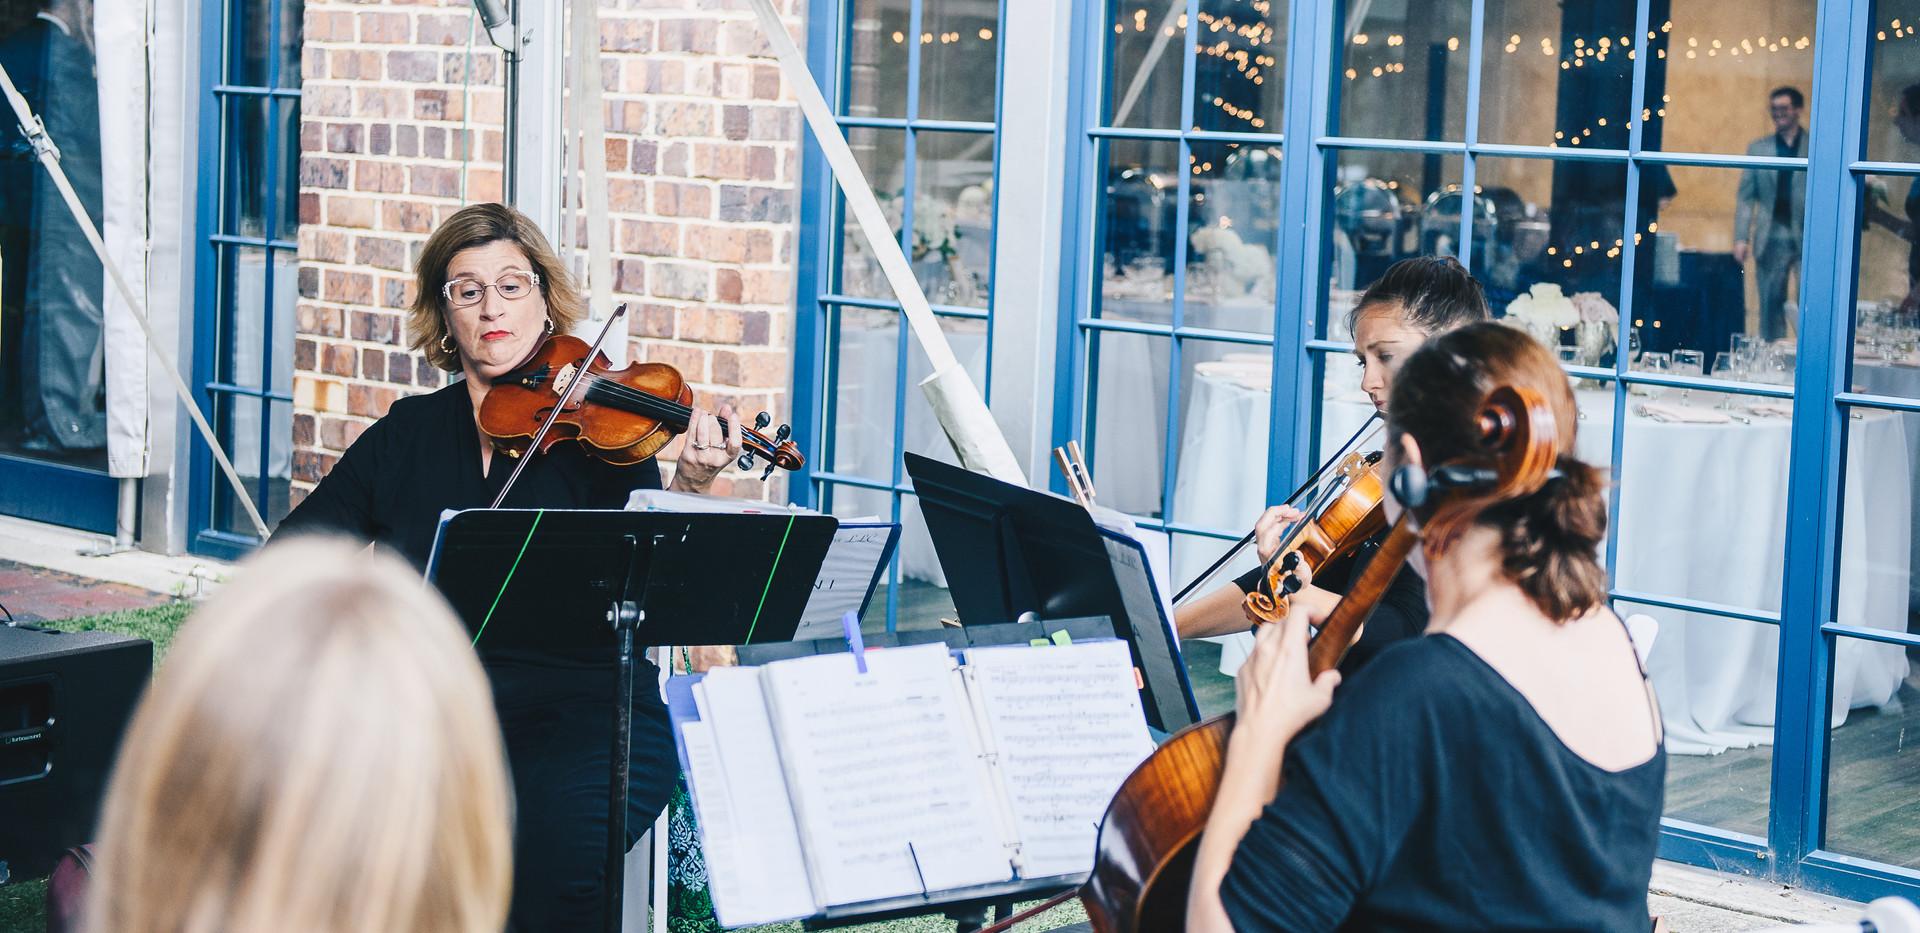 quartet outside.jpeg